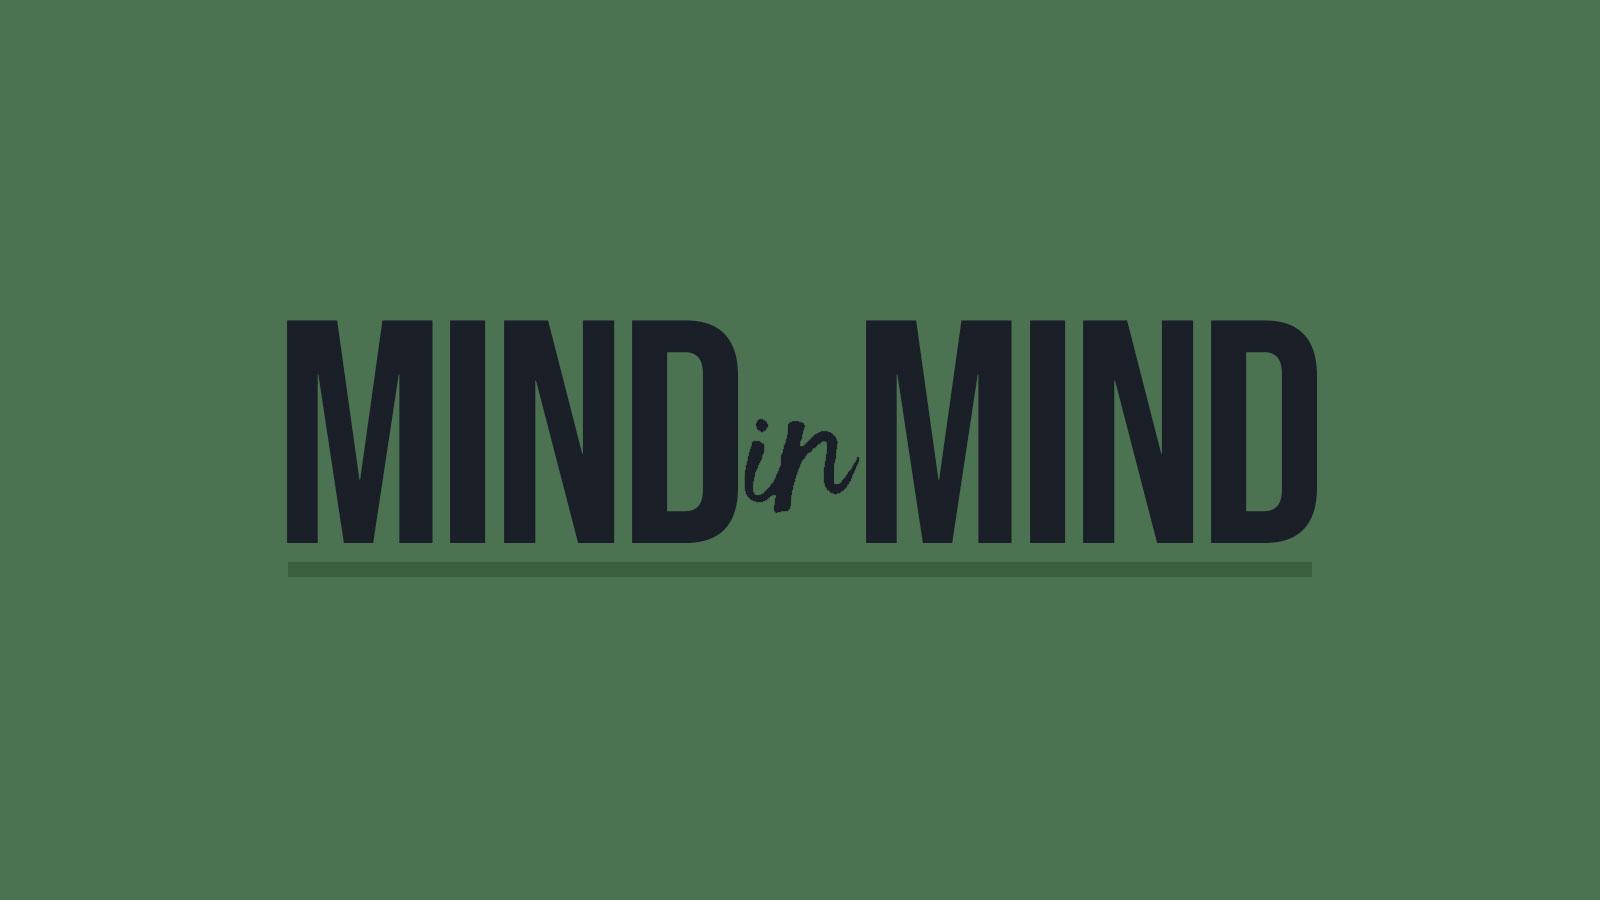 MINDinMIND logo on green background